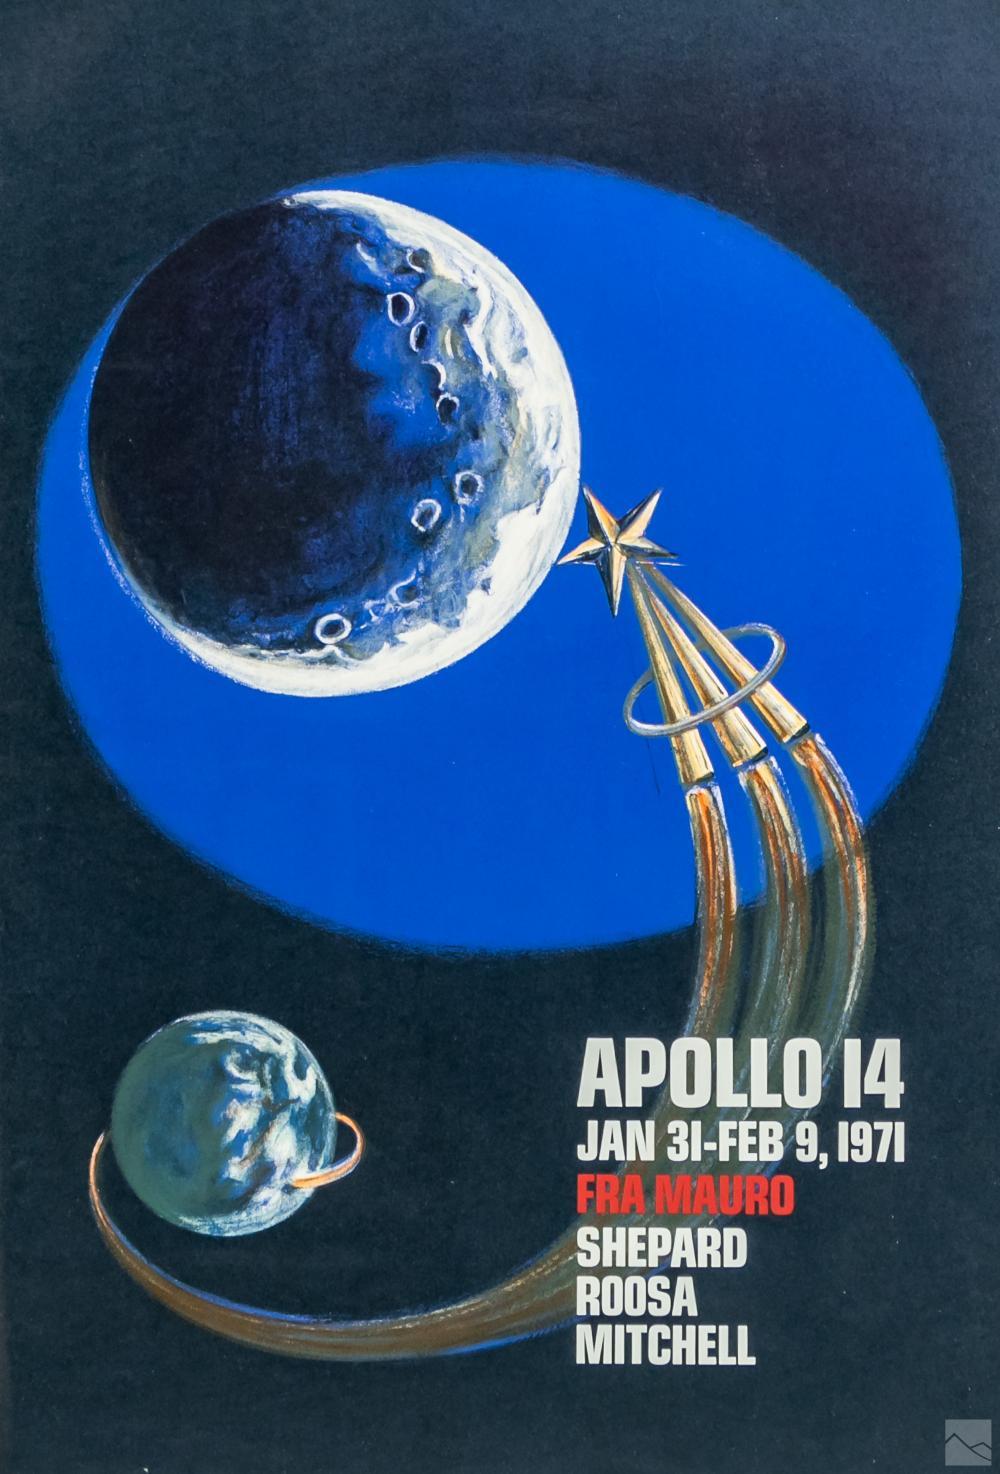 NASA Apollo 14 Astronauts Space Lithograph Poster